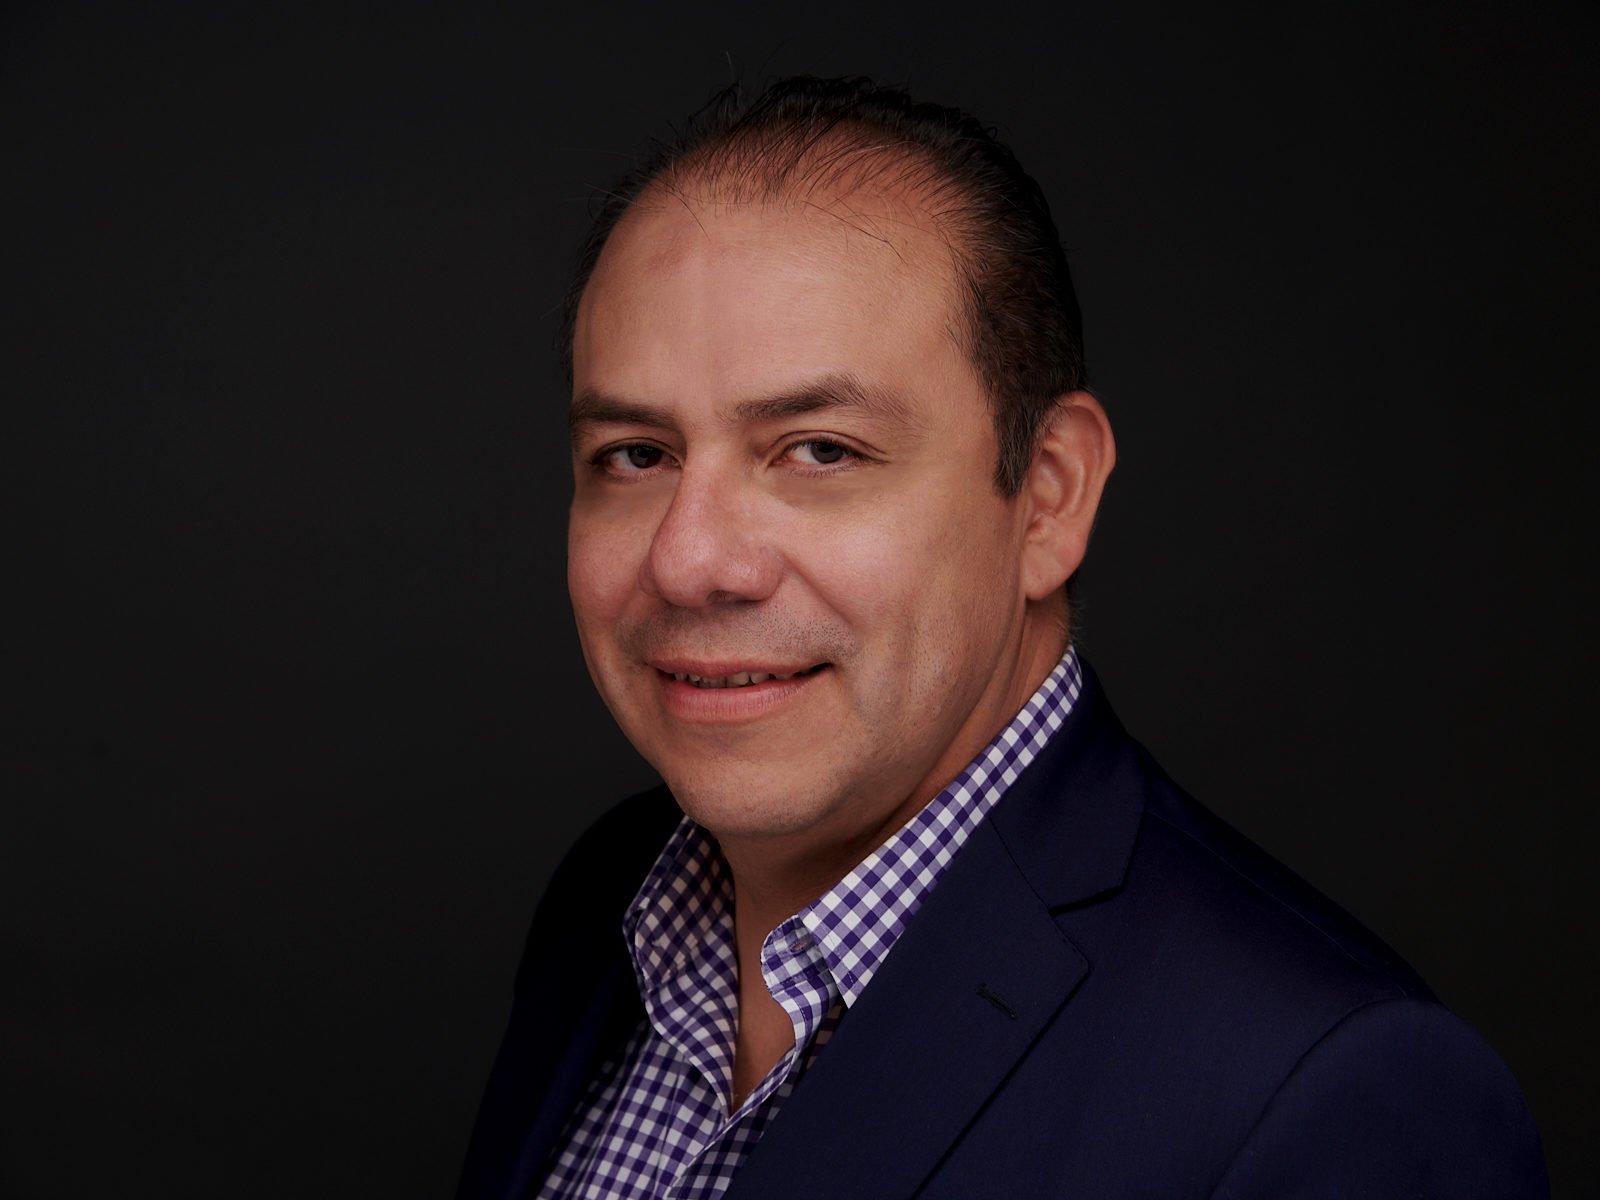 ANPACT tienen nuevo Director de Comunicación y Asuntos Públicos